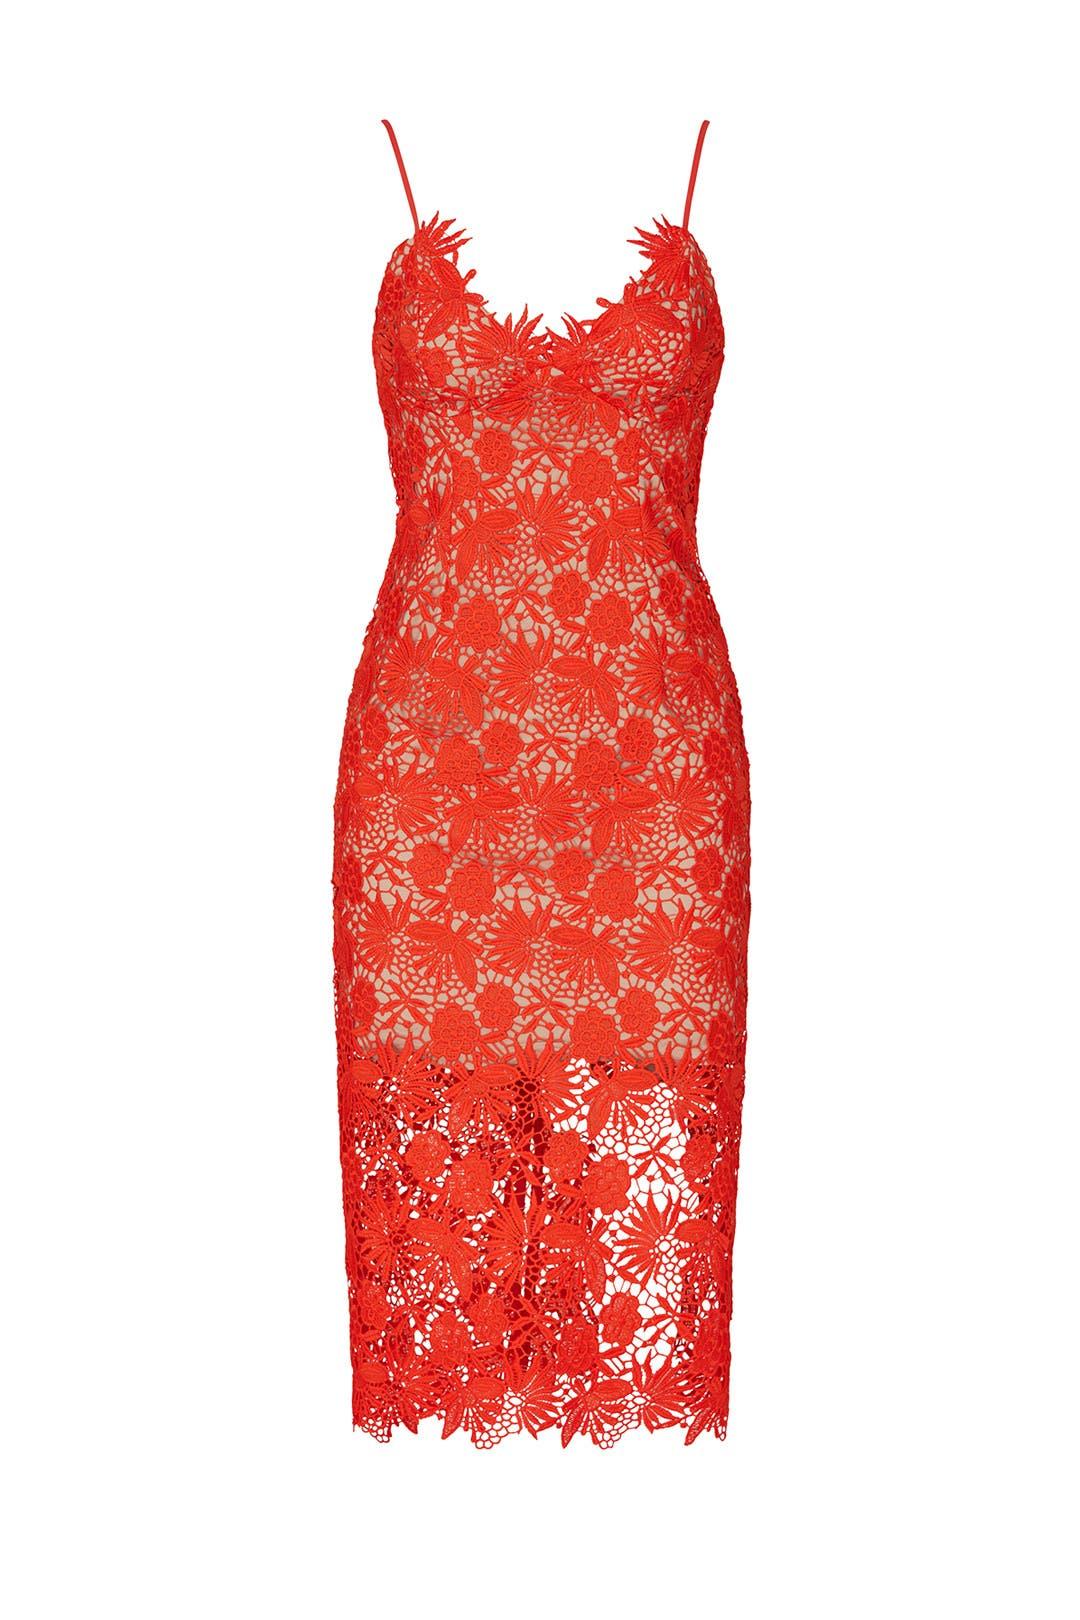 Bardot Tayla Dress